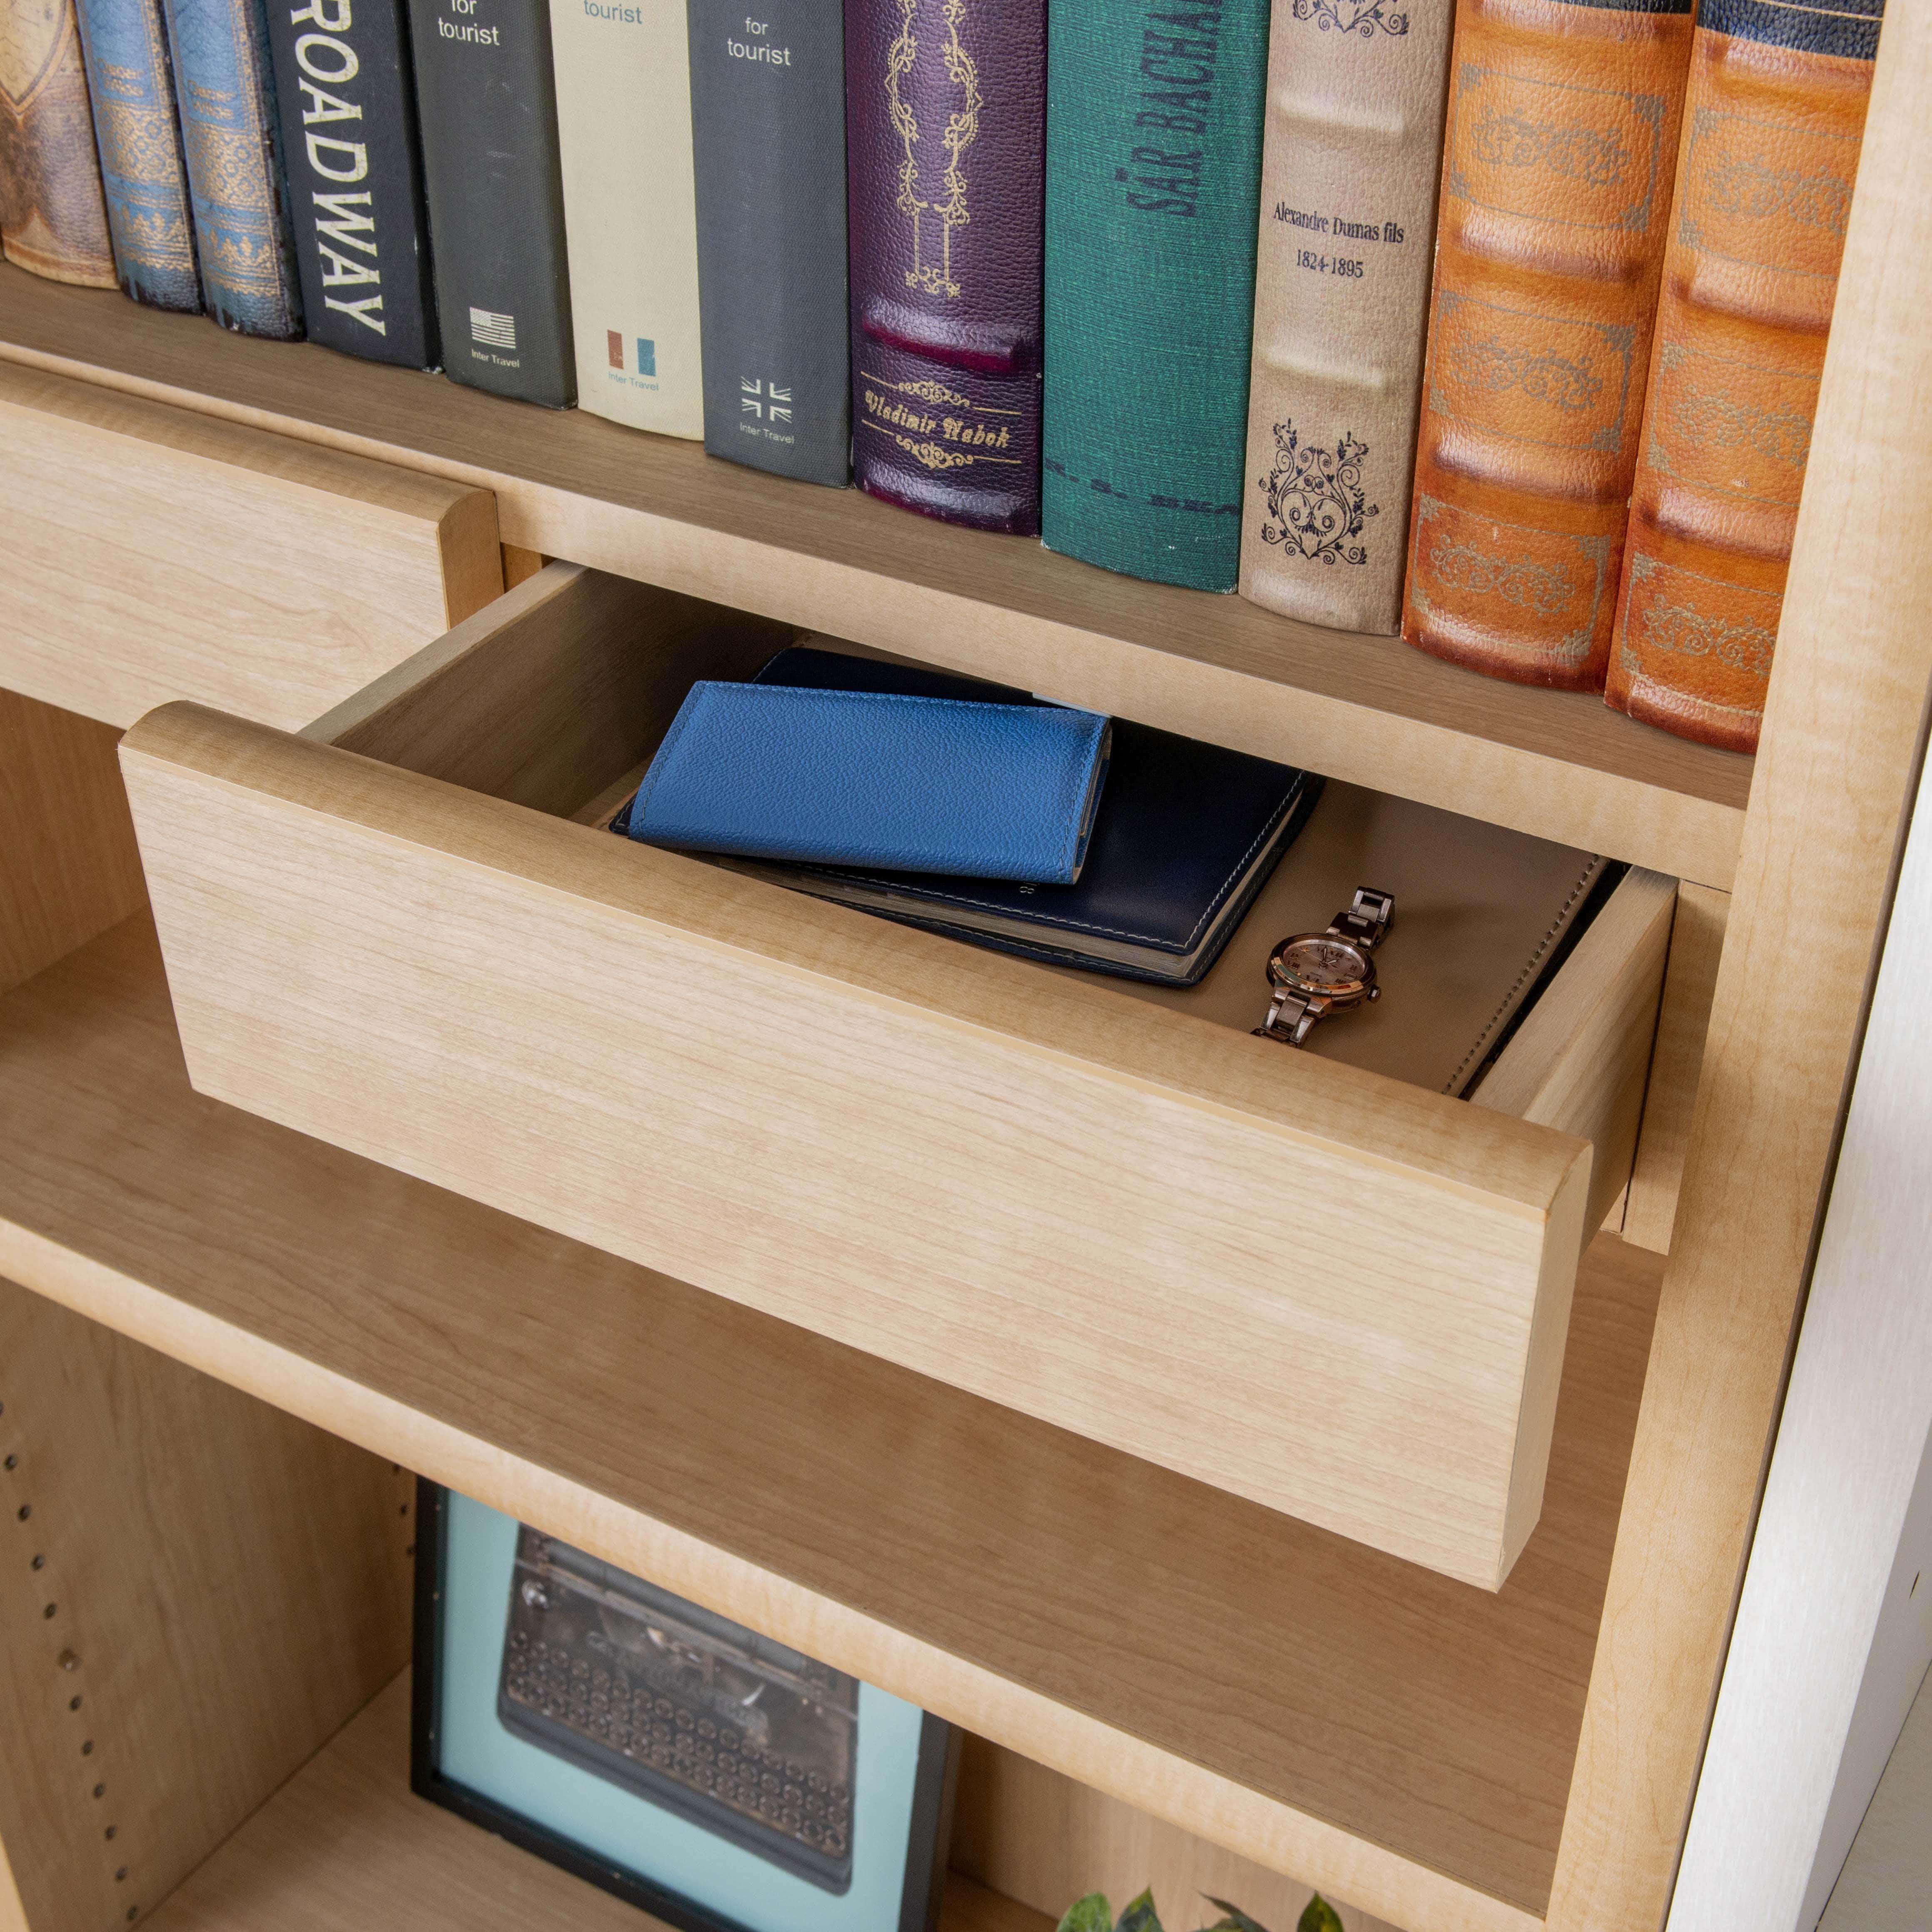 小島工芸 書棚 アコード45H(ウッディウェンジ):収納の幅を広げるオプション引き出し